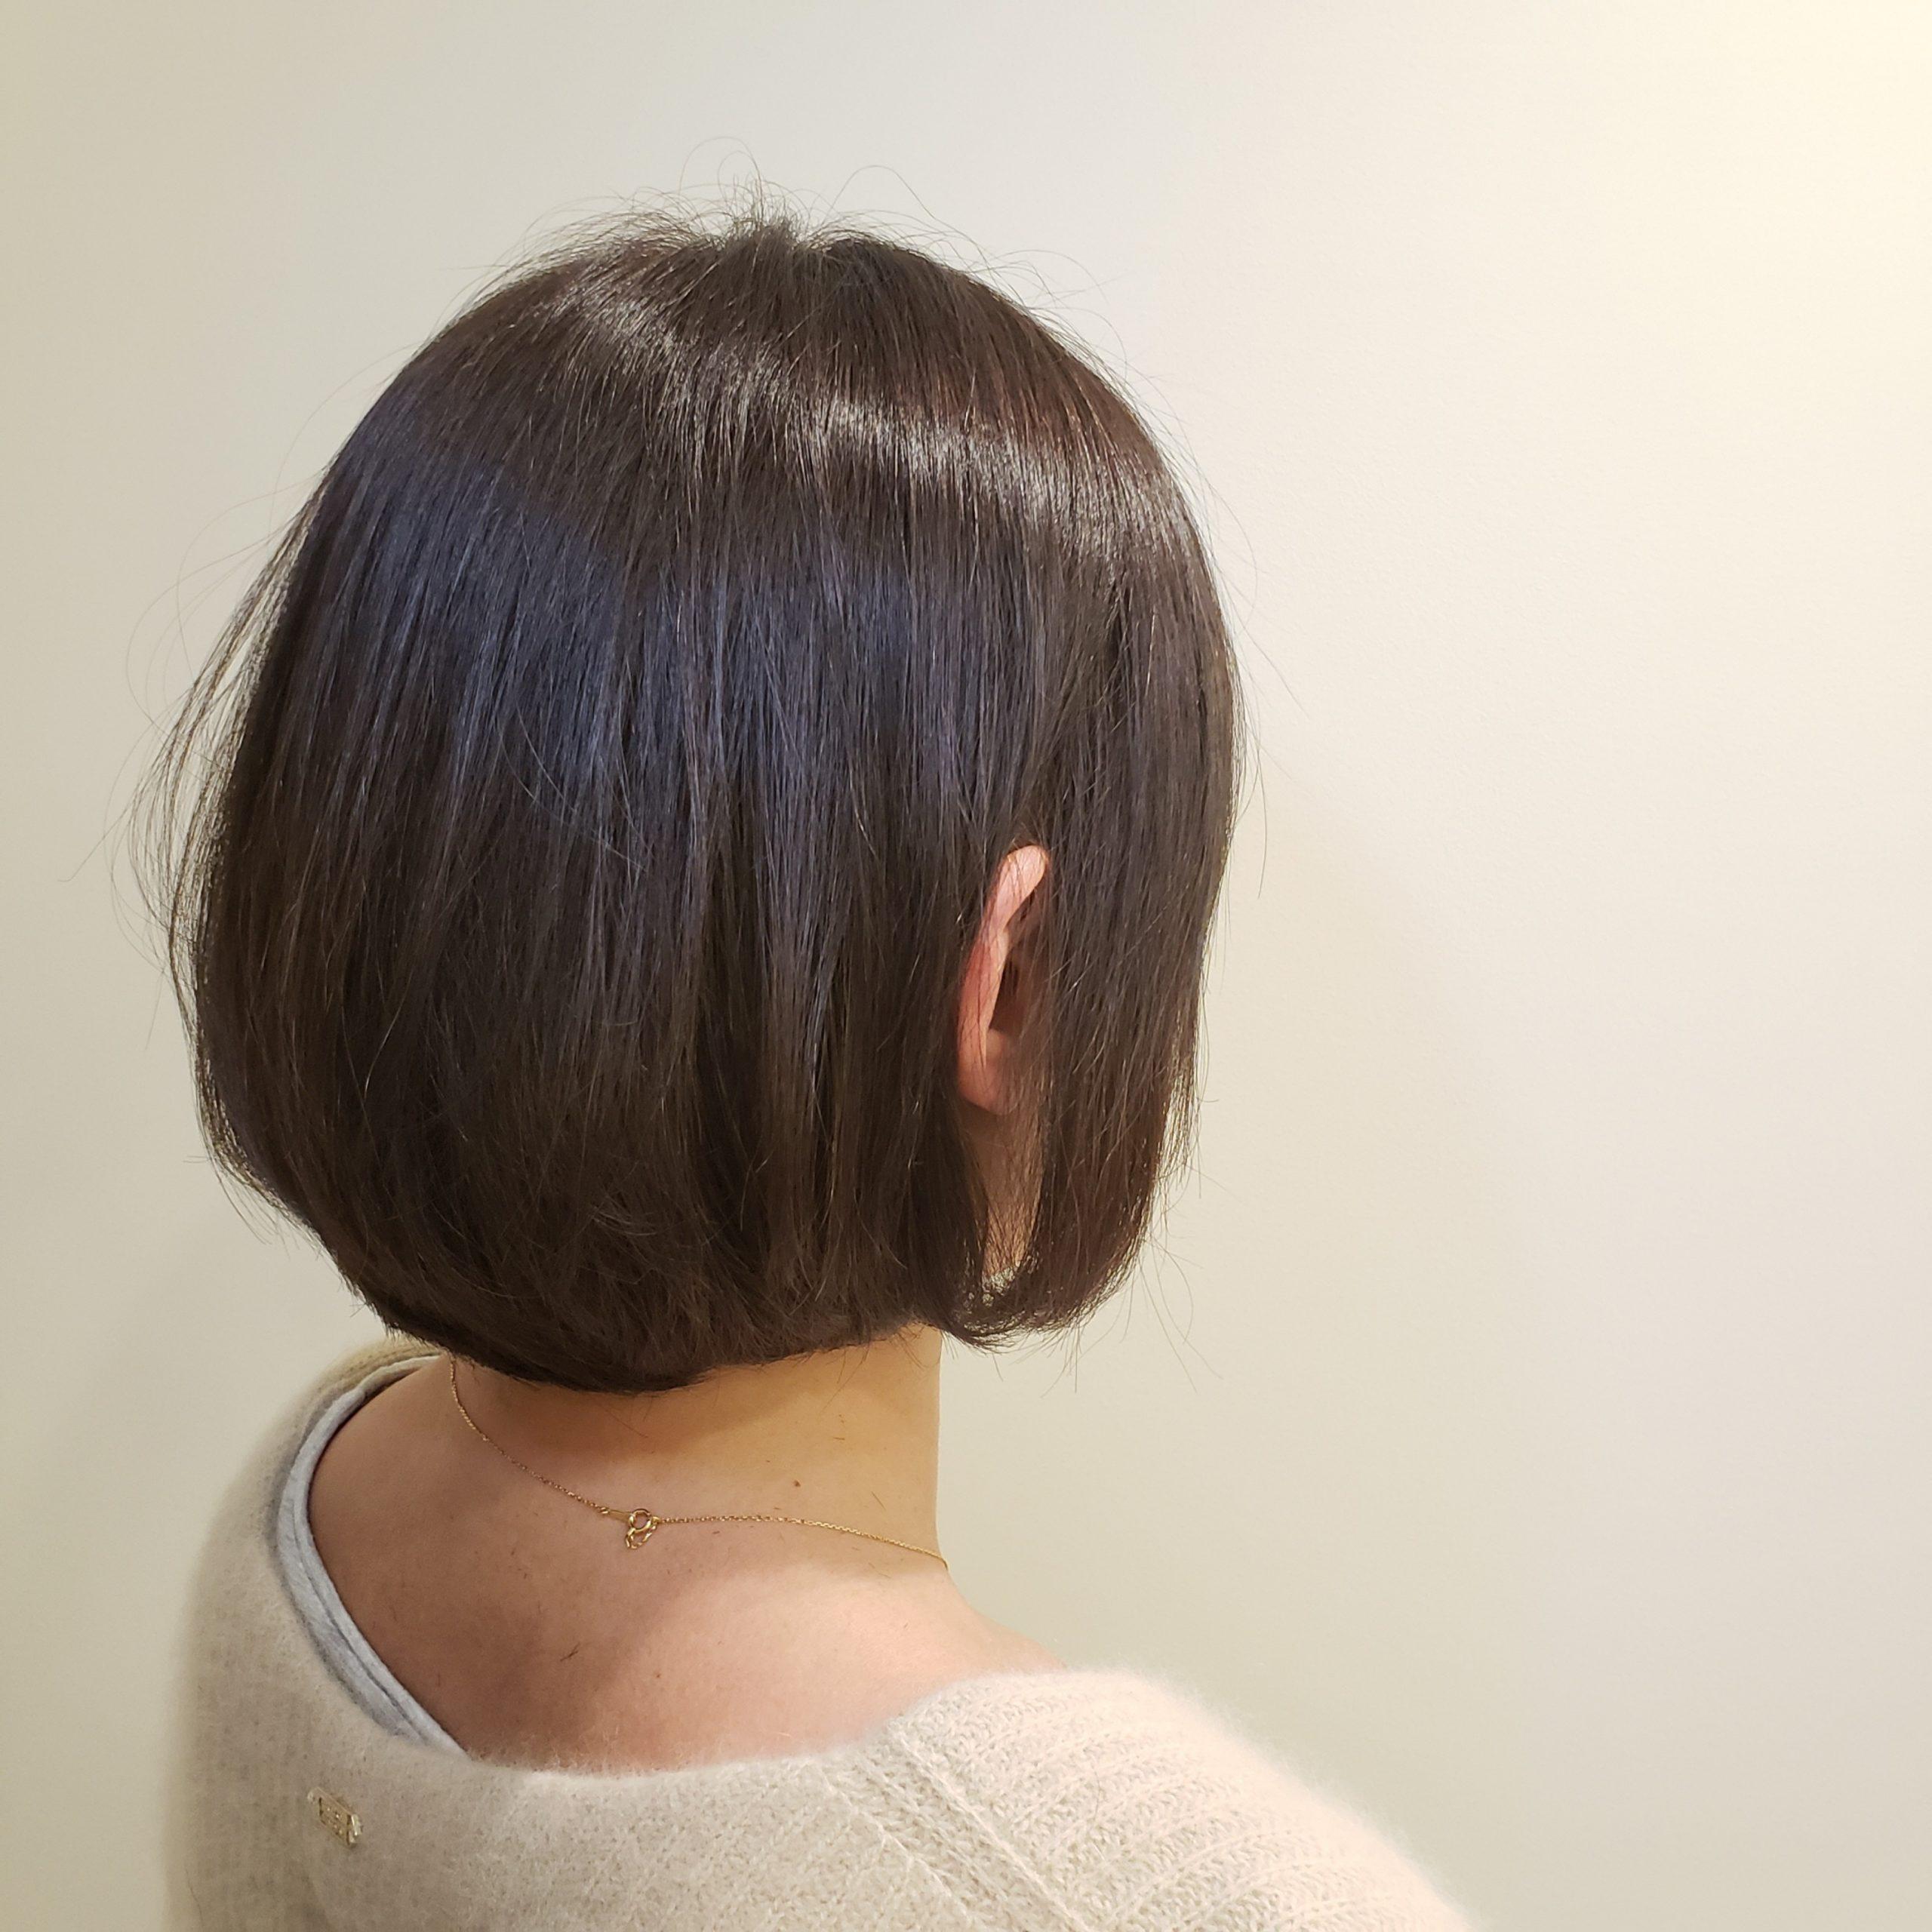 髪質改善カラー(リノヴィール)はくせ毛を扱いやすくする?特徴と効果は?